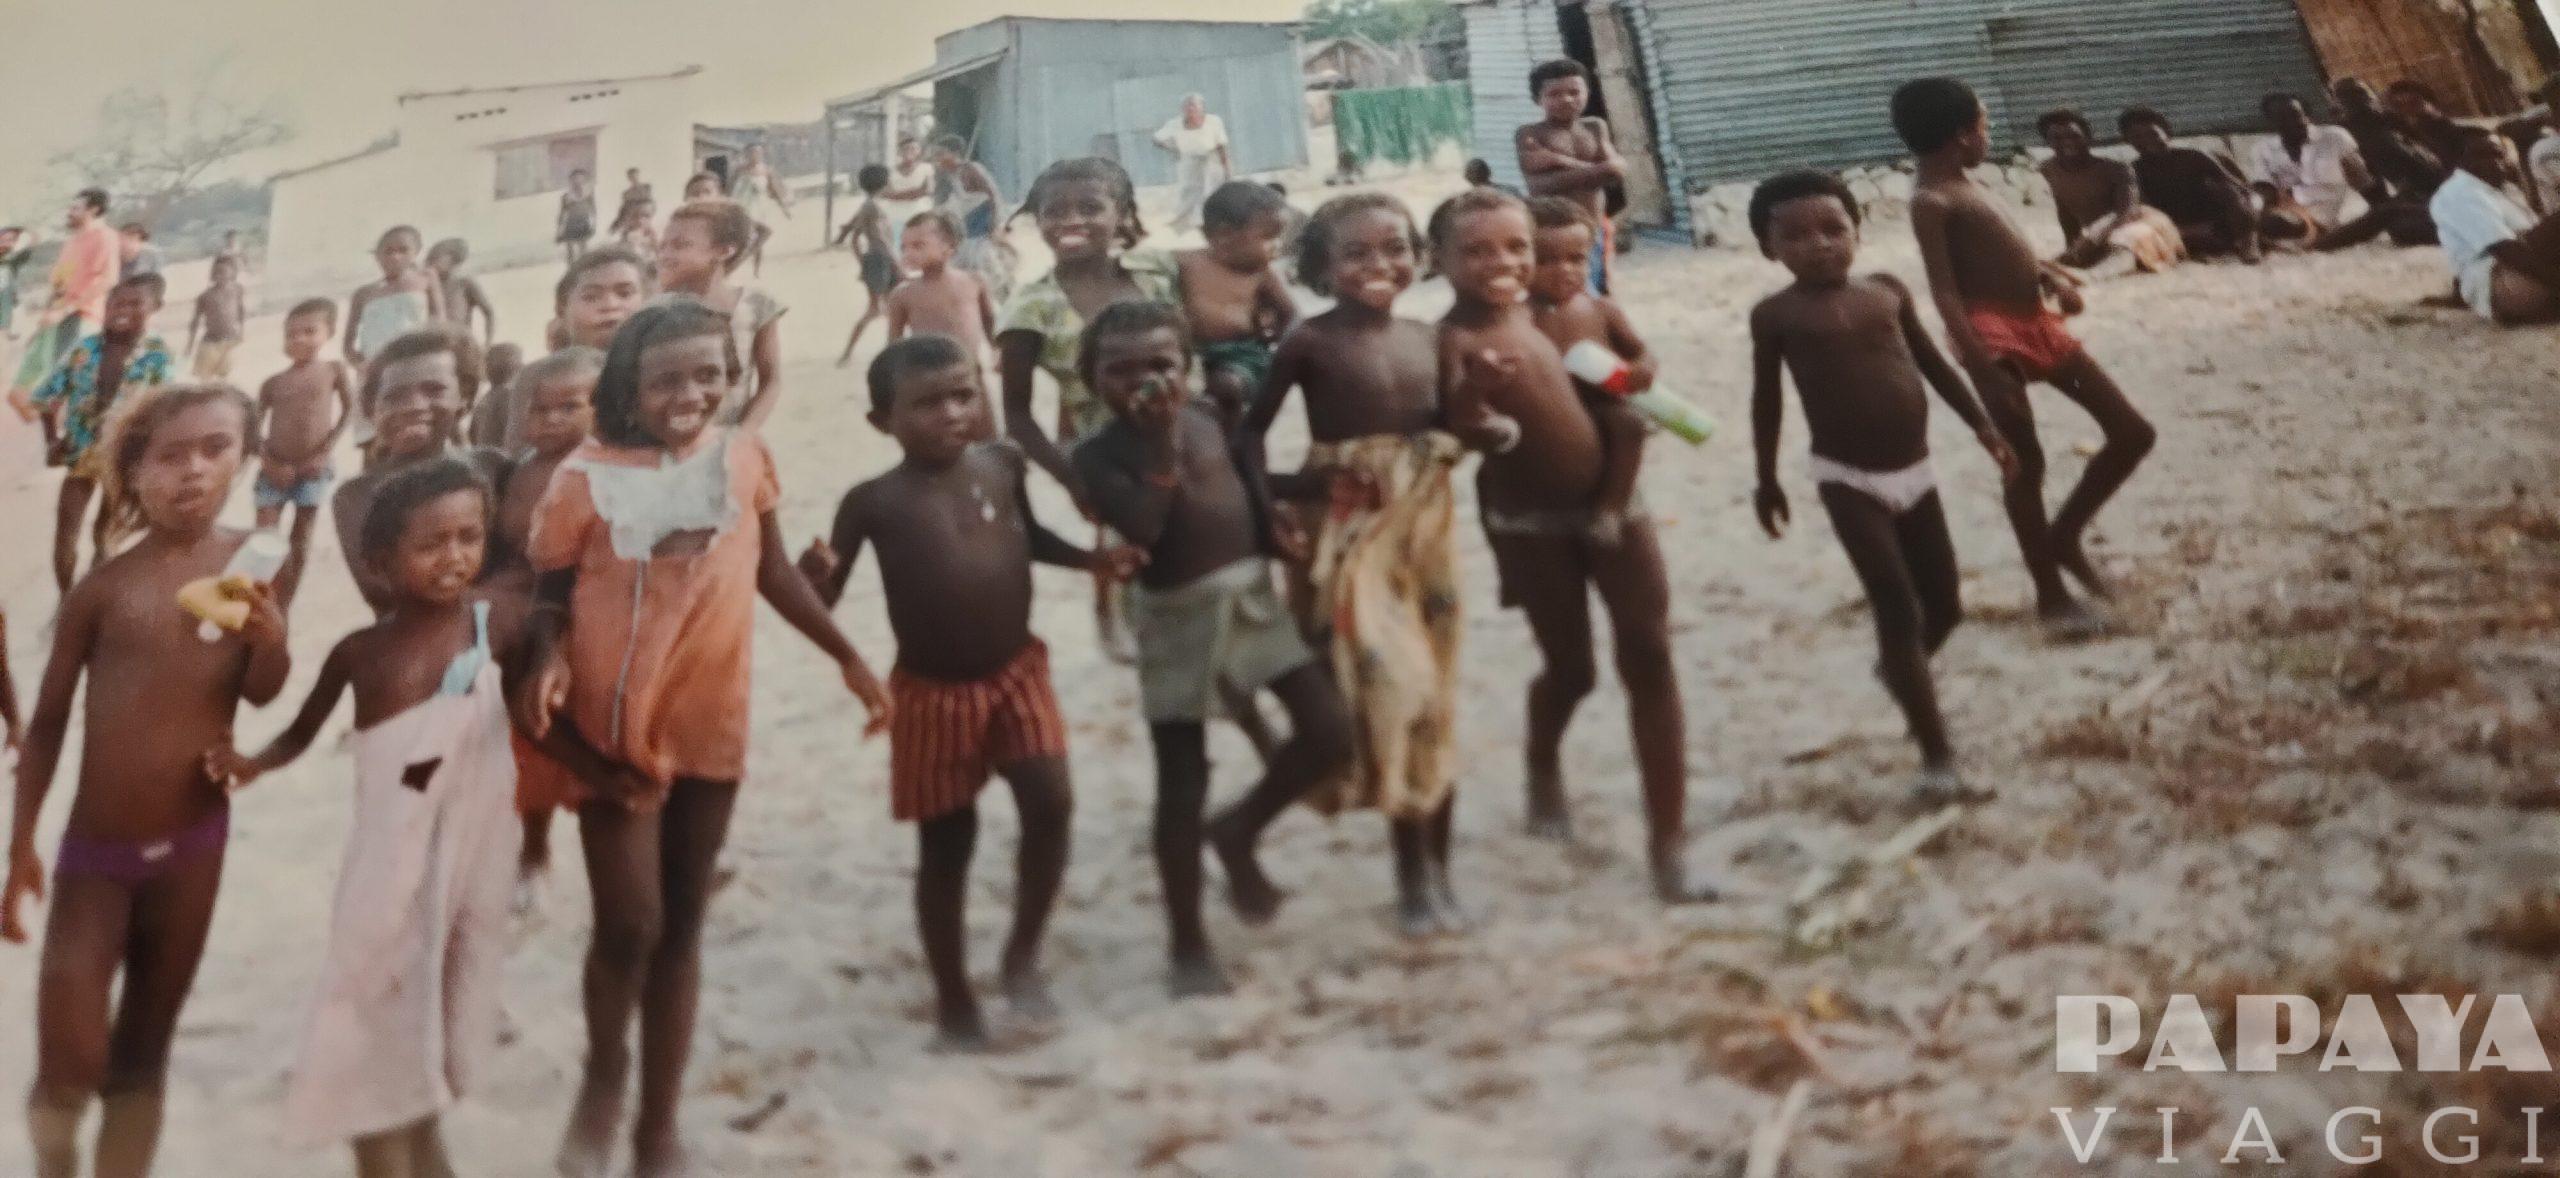 Madagascar, tour del sud